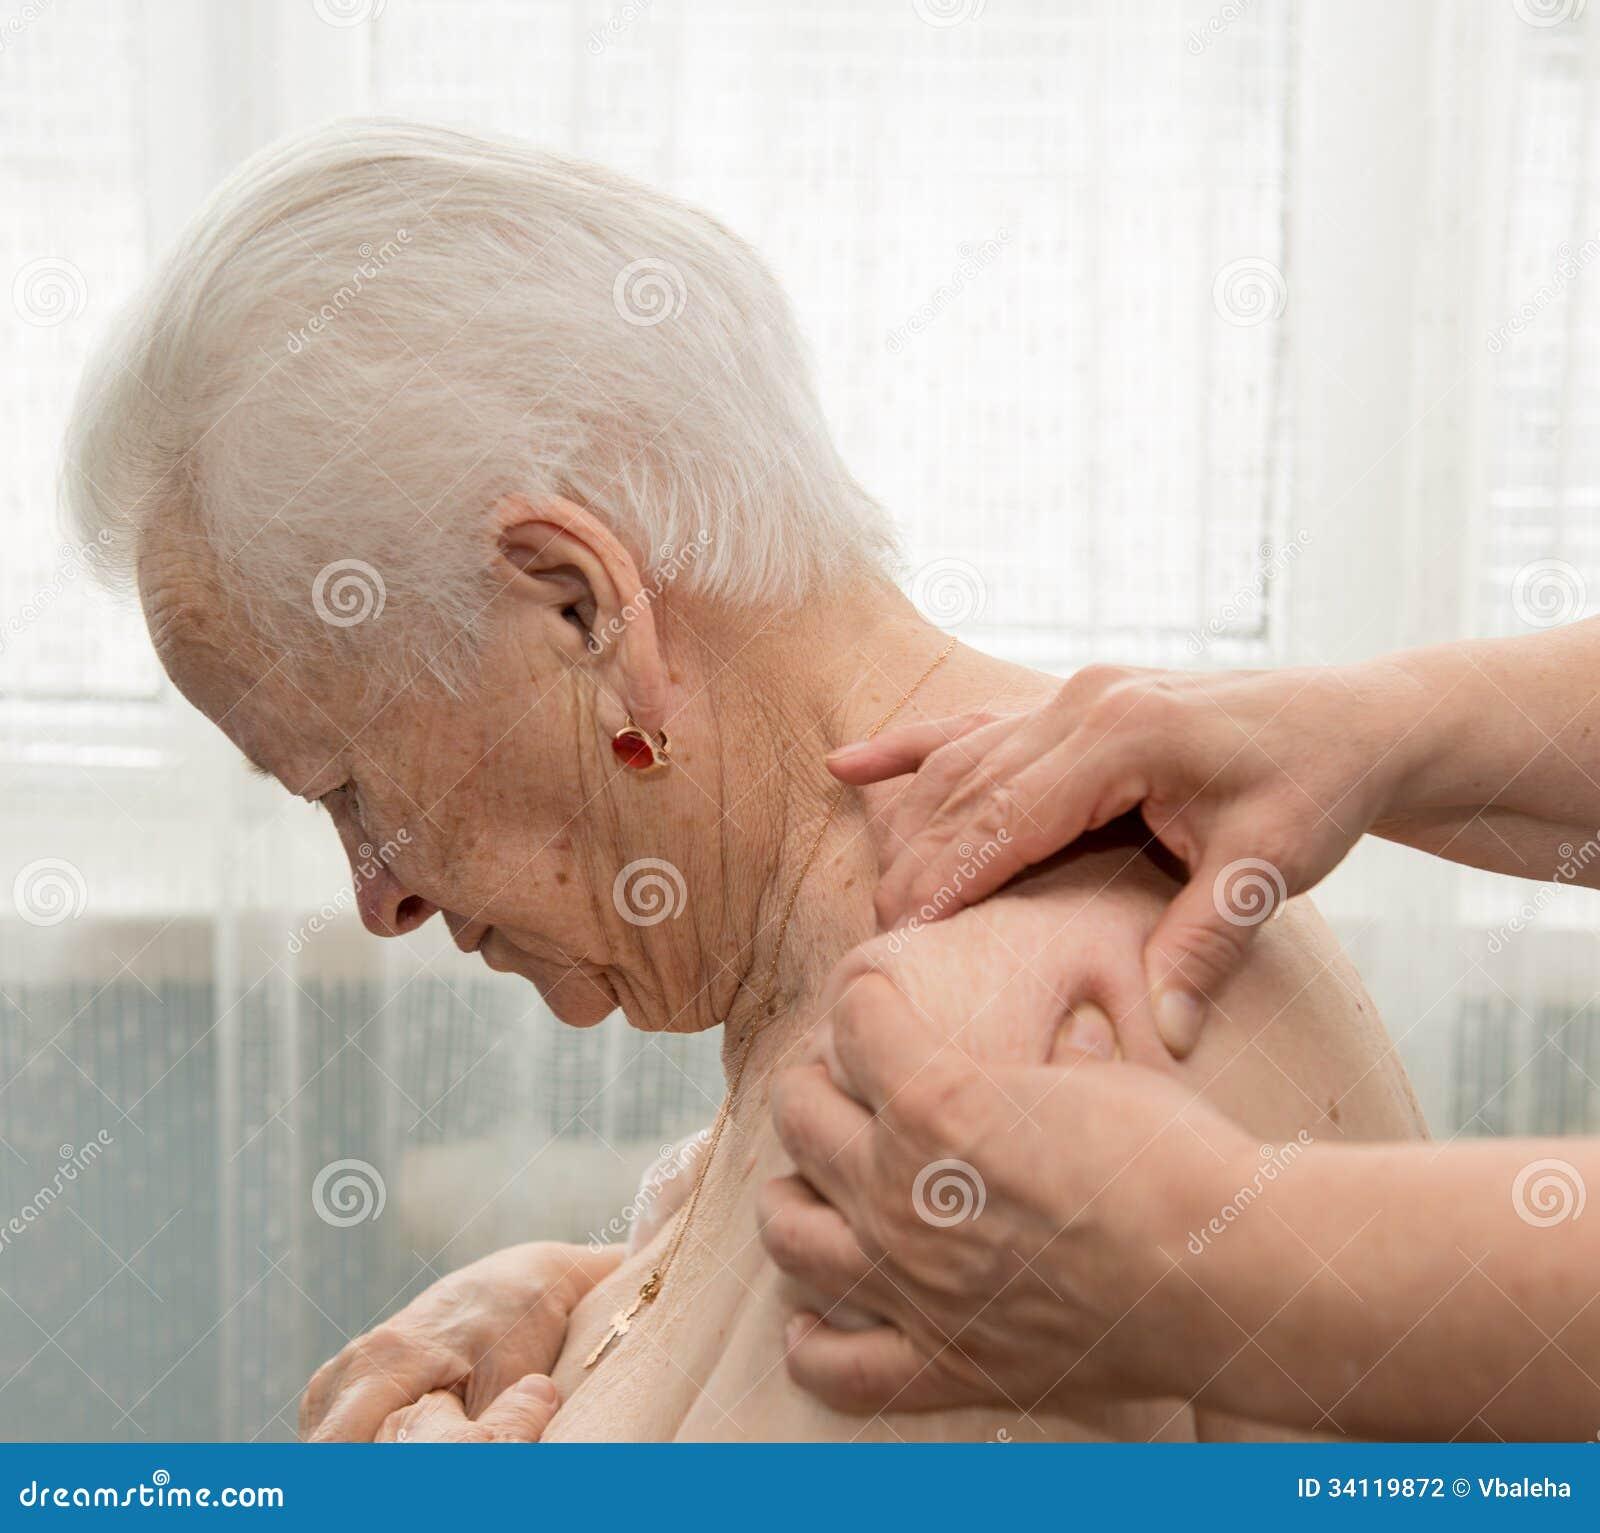 Nude m2m massage